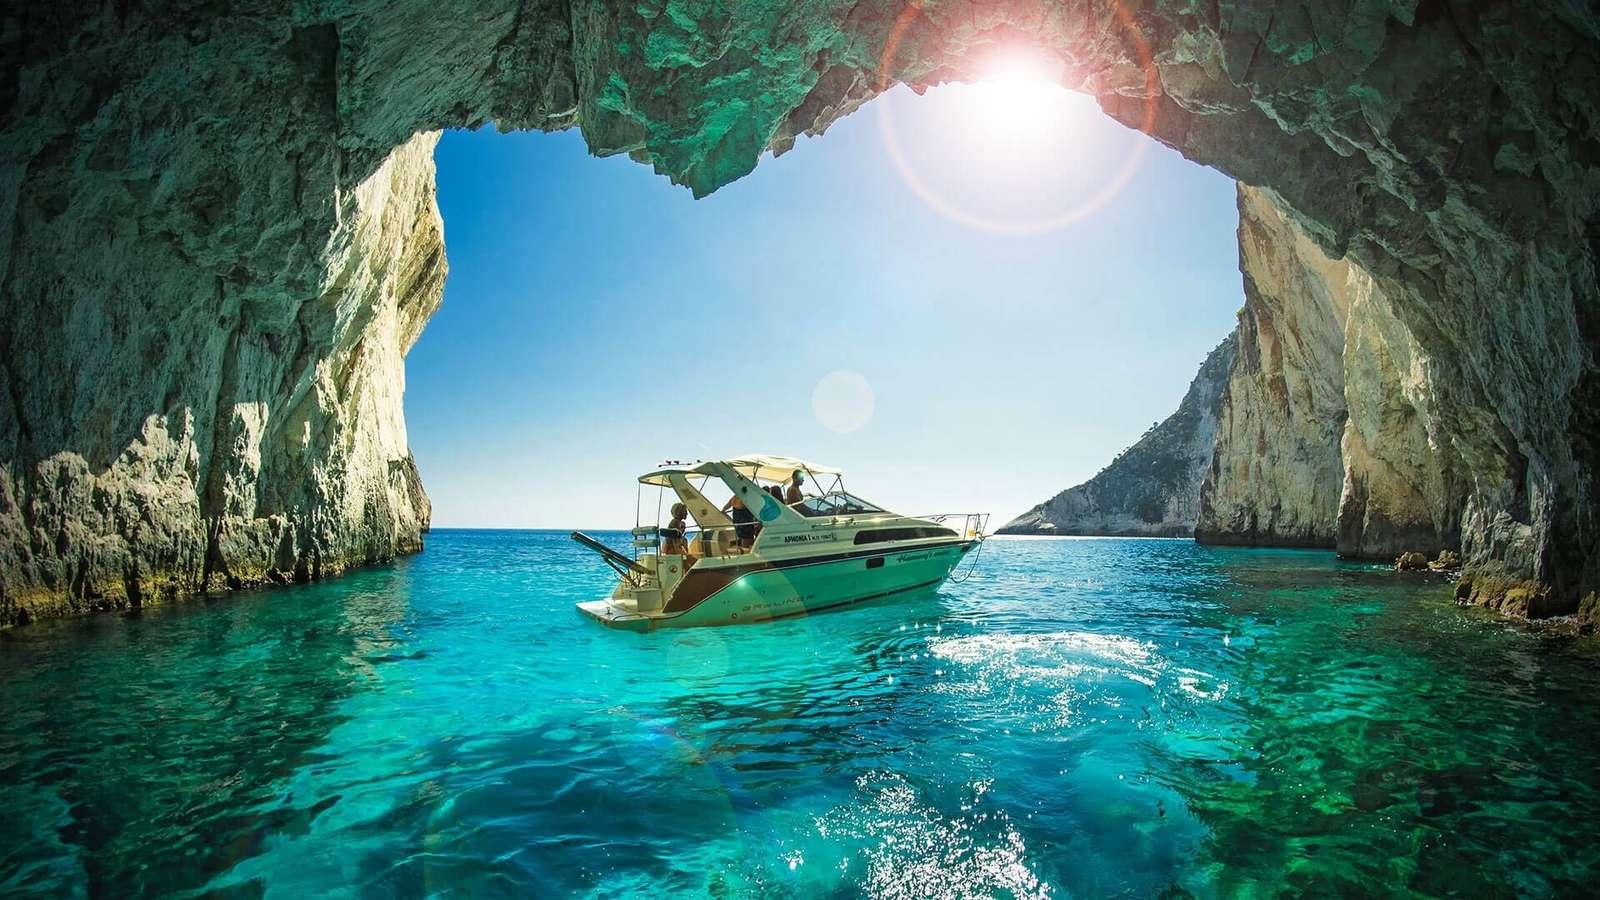 Grotto, tenger és a nyár ízlése